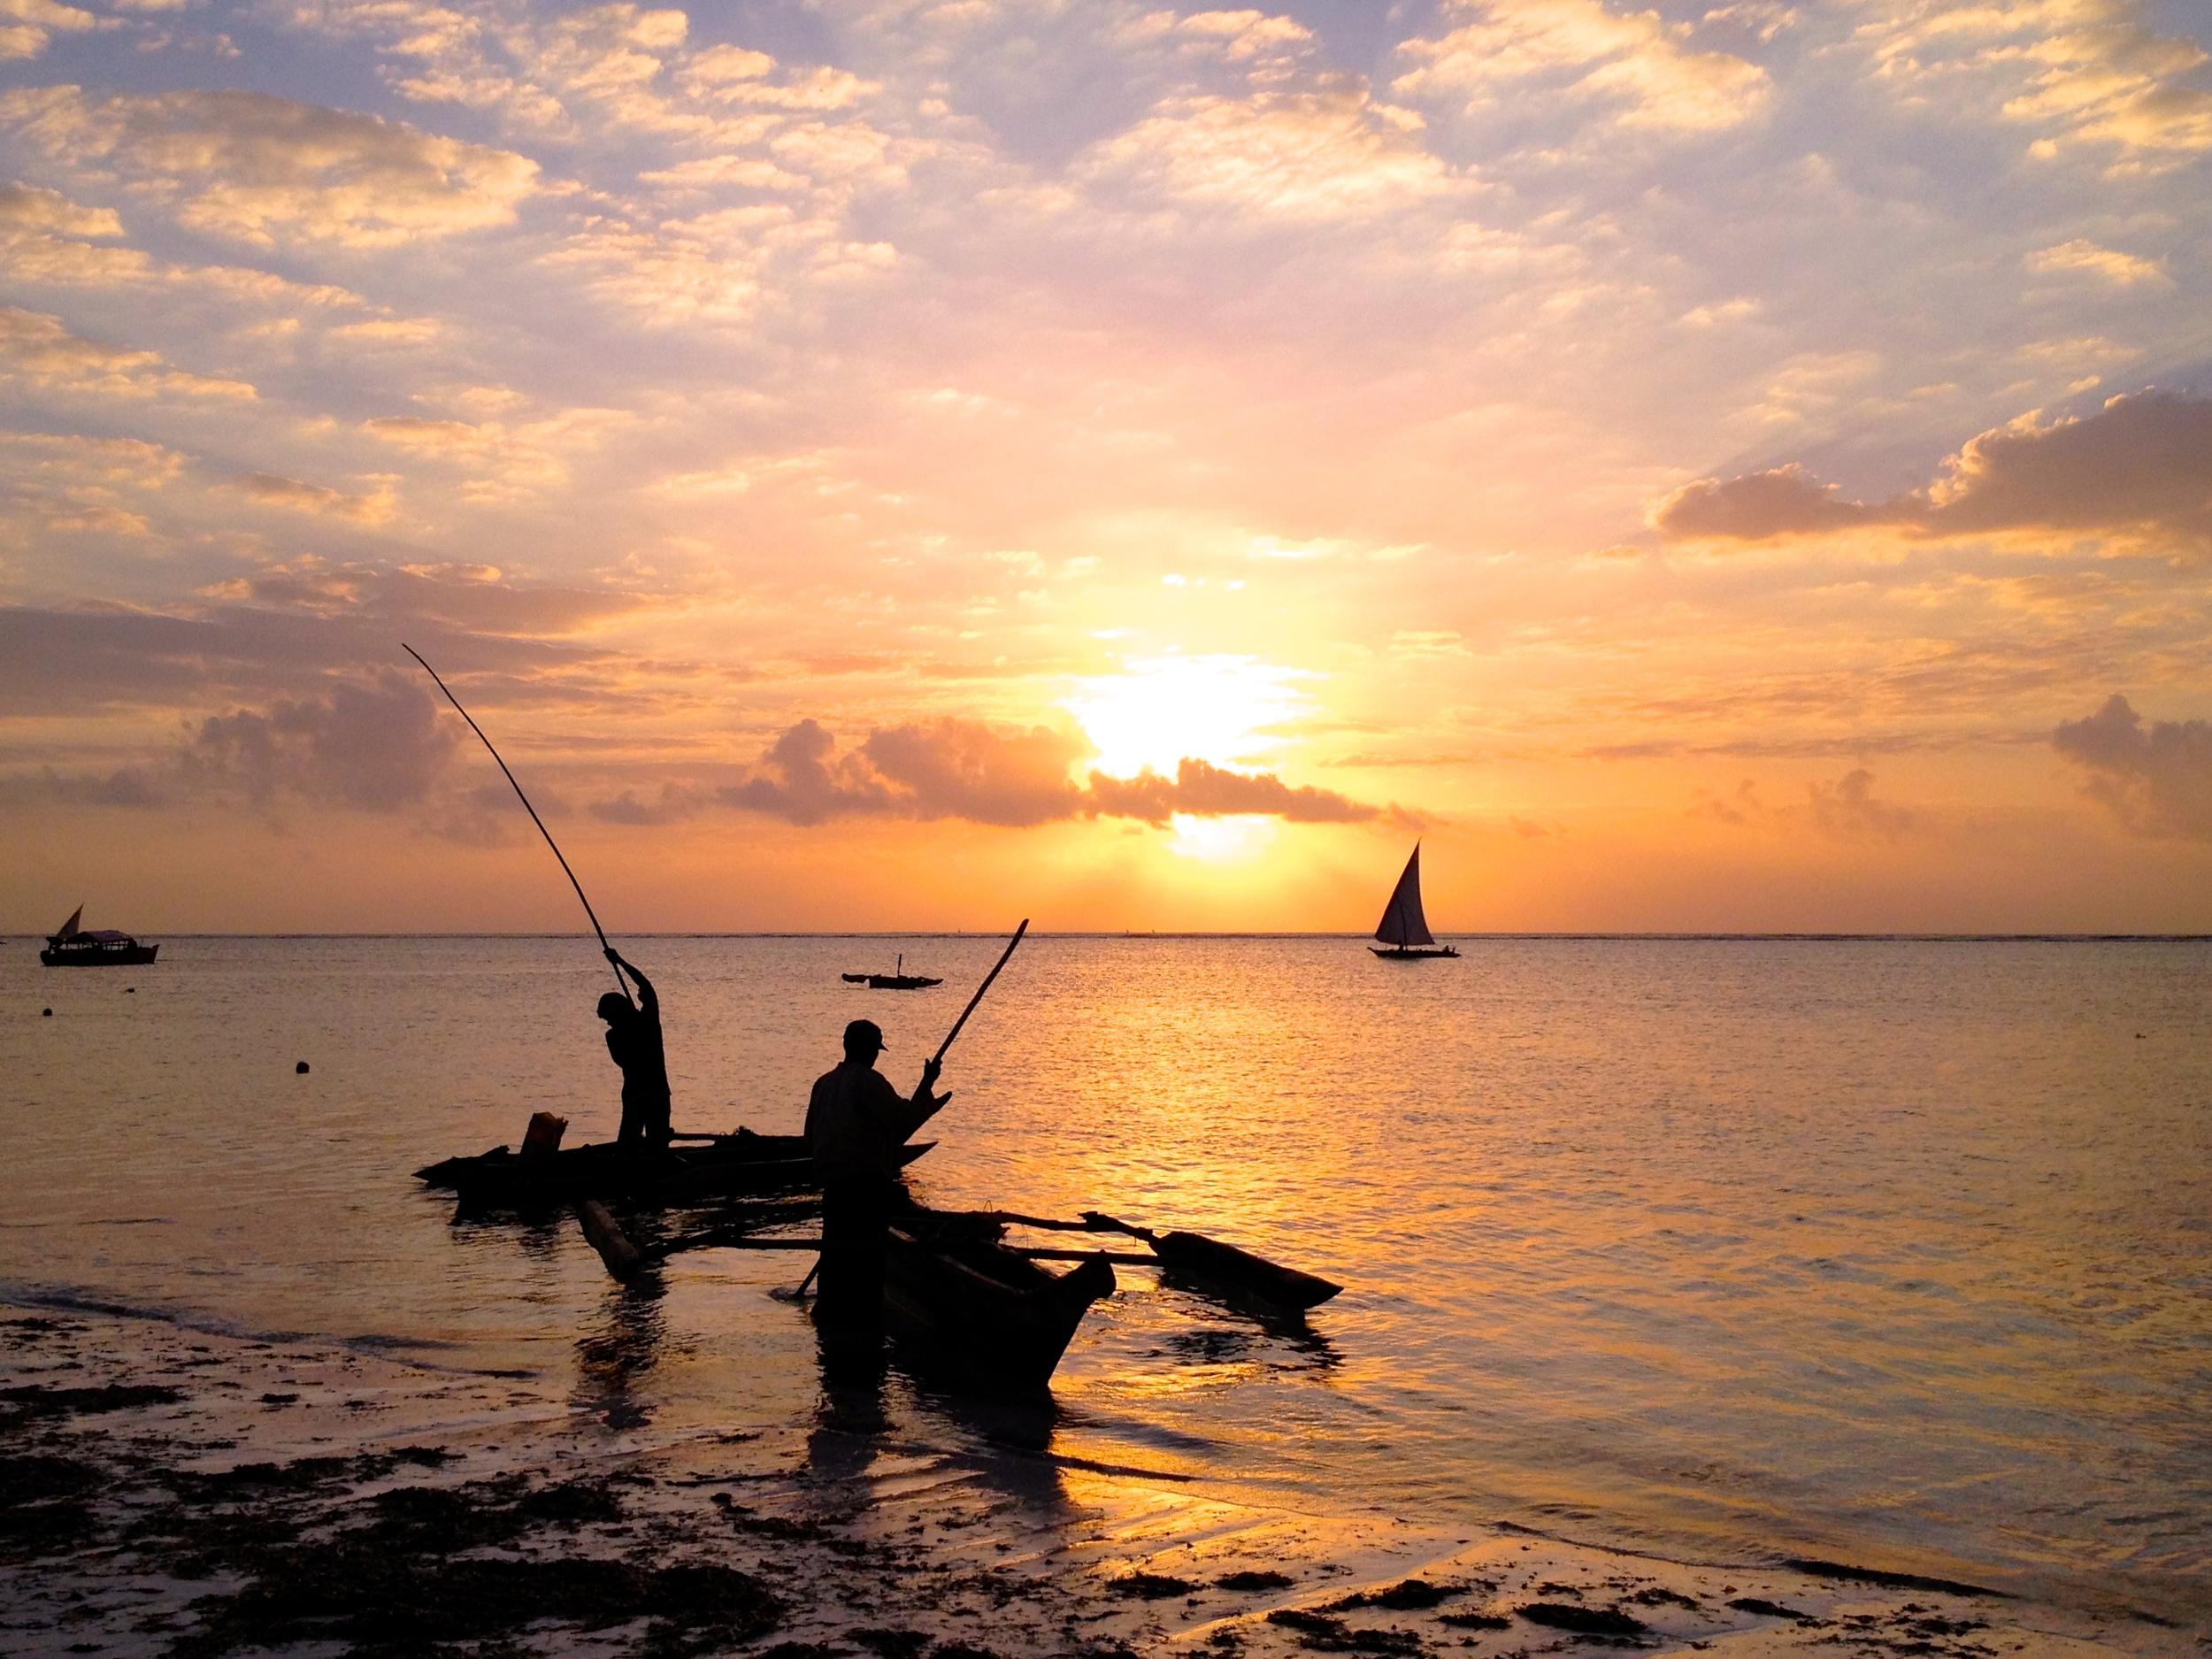 Our final destination: Zanzibar, TZ.